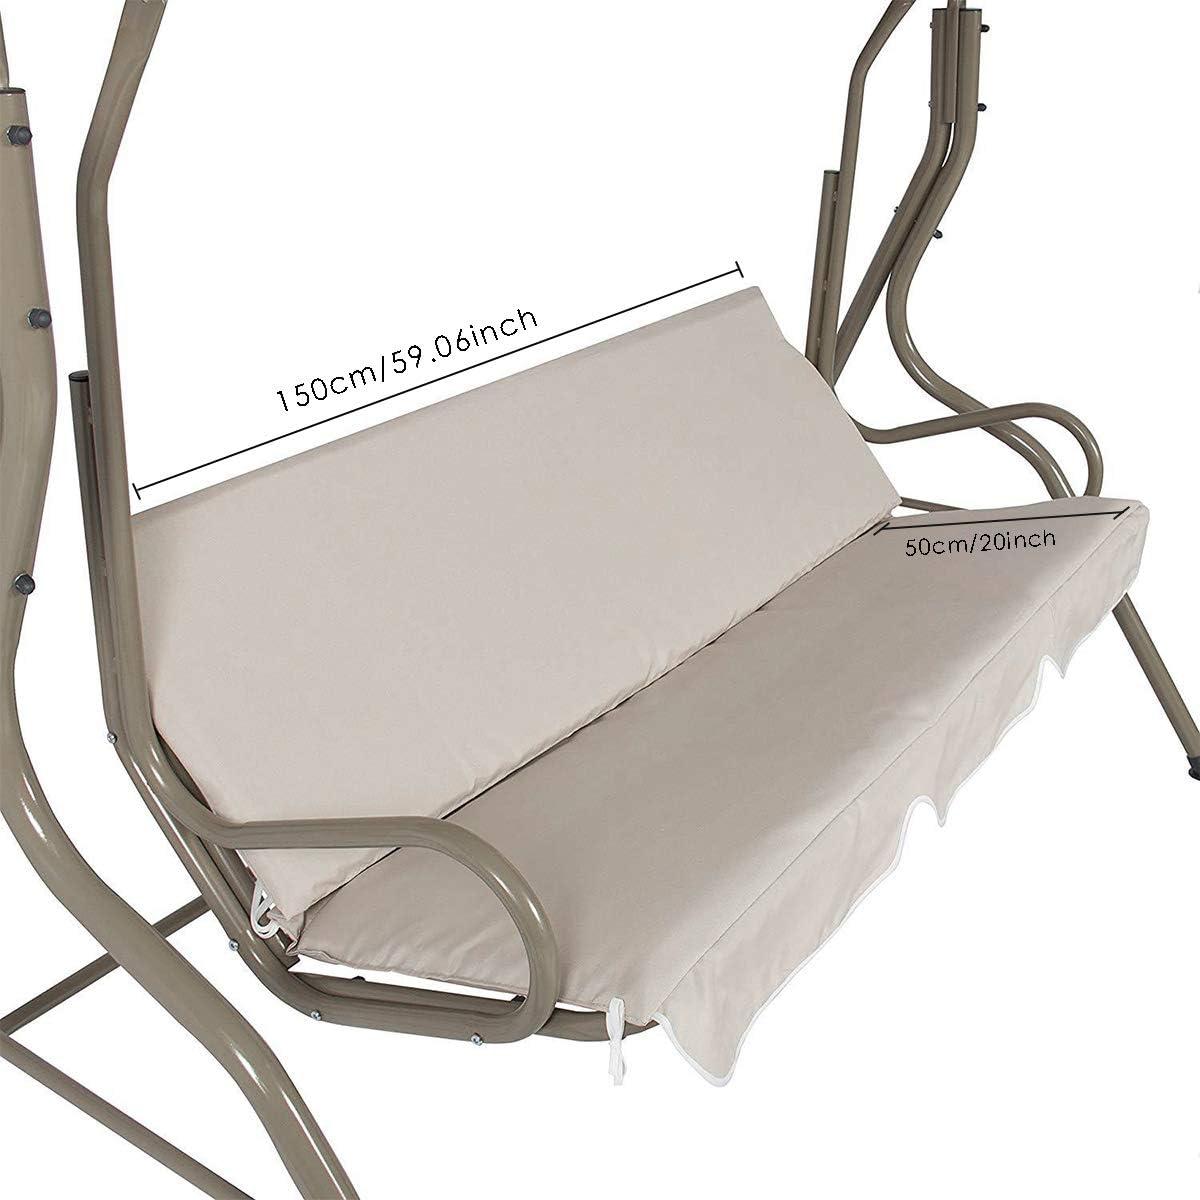 Qinhum Conjunto de Cubierta de Columpio para Patio Cubierta Superior de Dosel Impermeable para Columpio Y Cubierta de Asiento de Columpio para Columpio de Patio para Jard/ín